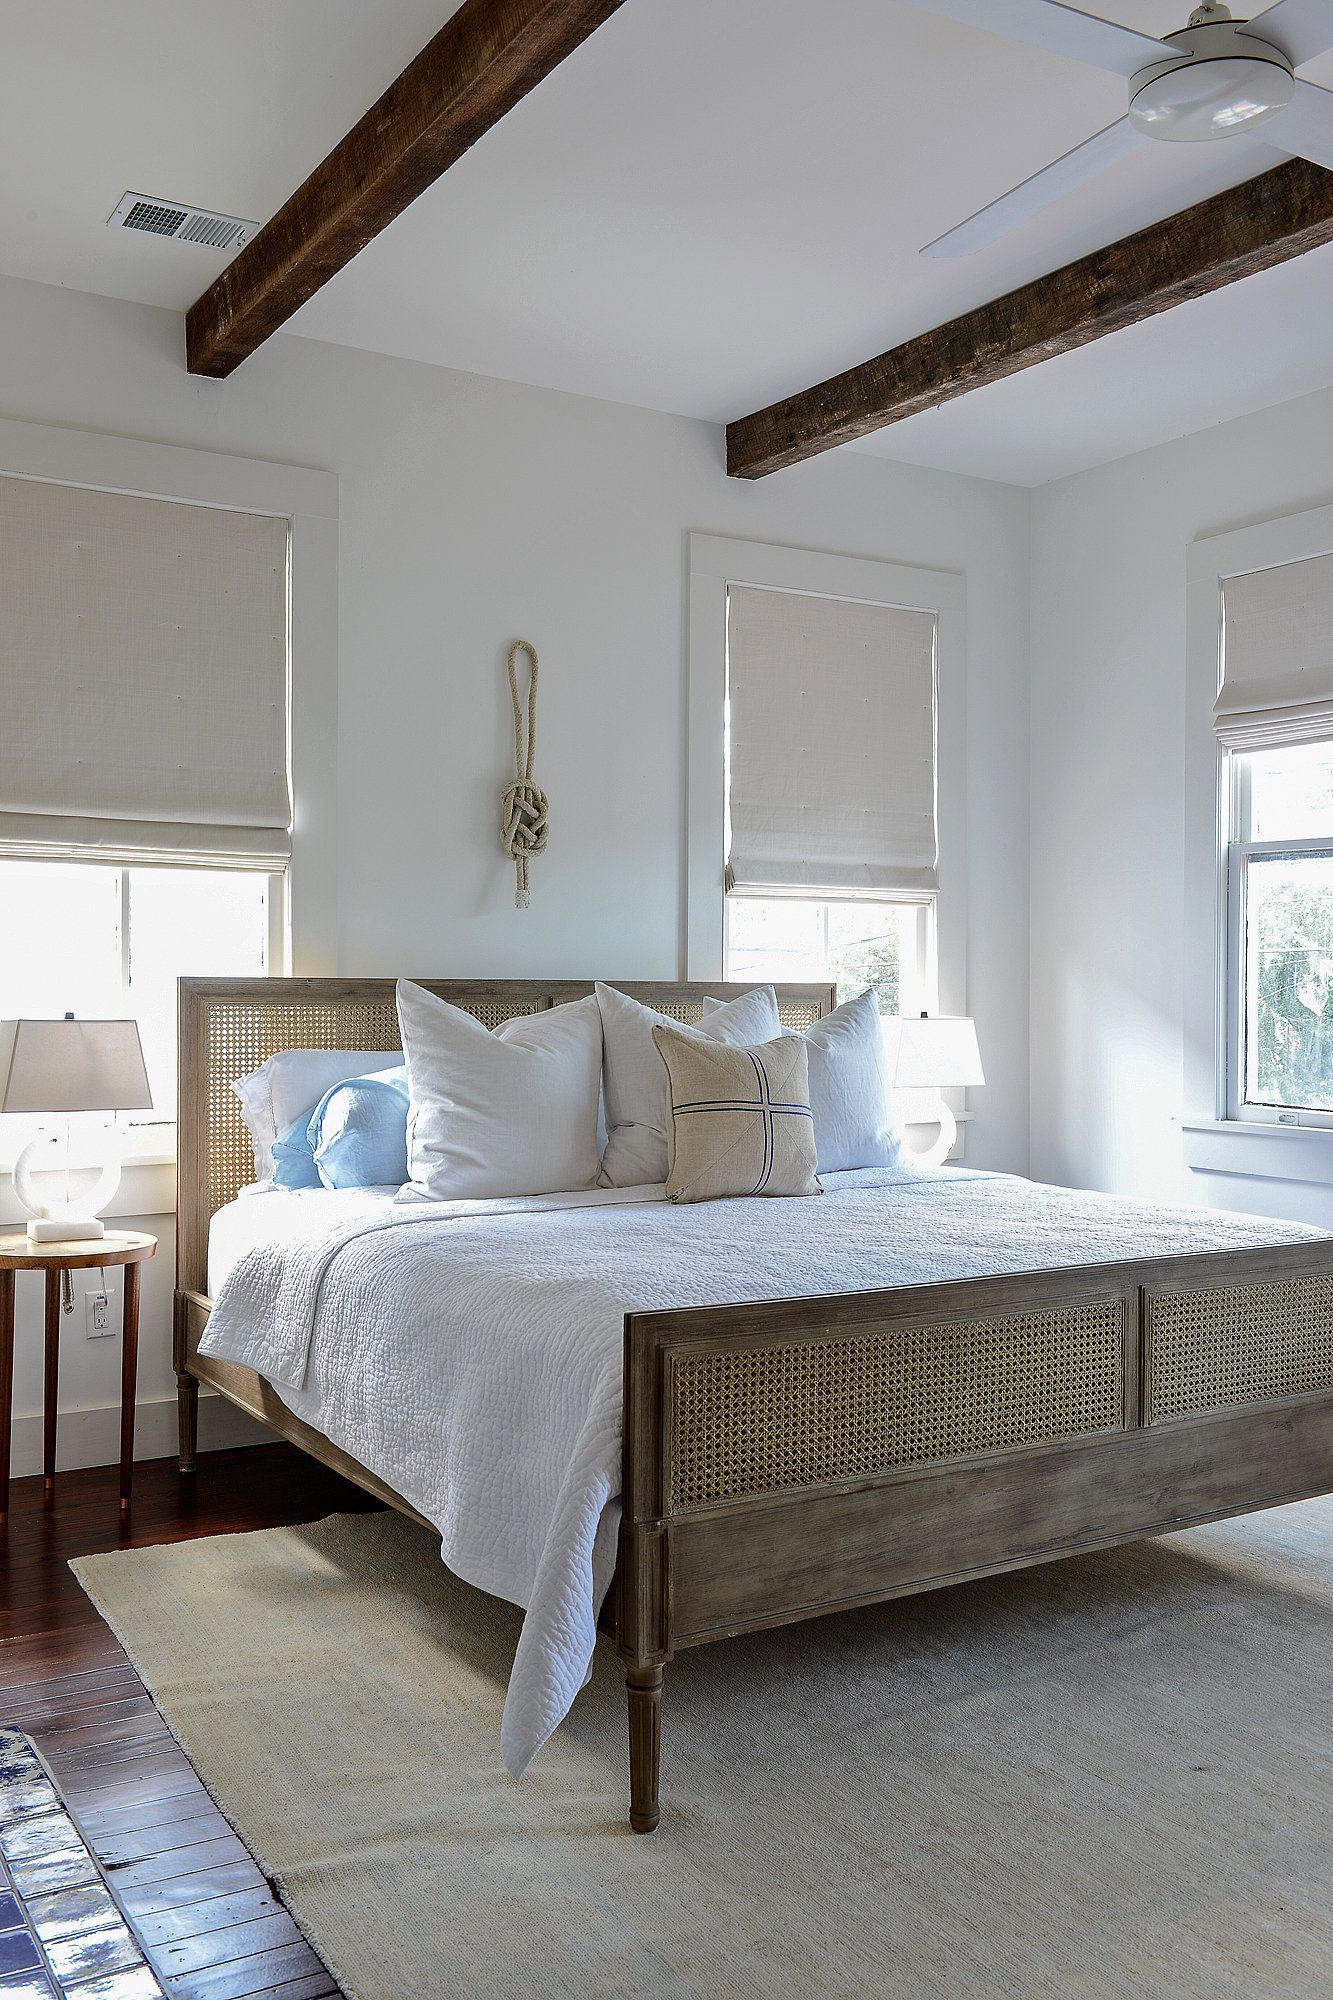 On Location | Decoración costera, Dormitorio y Respaldo cama